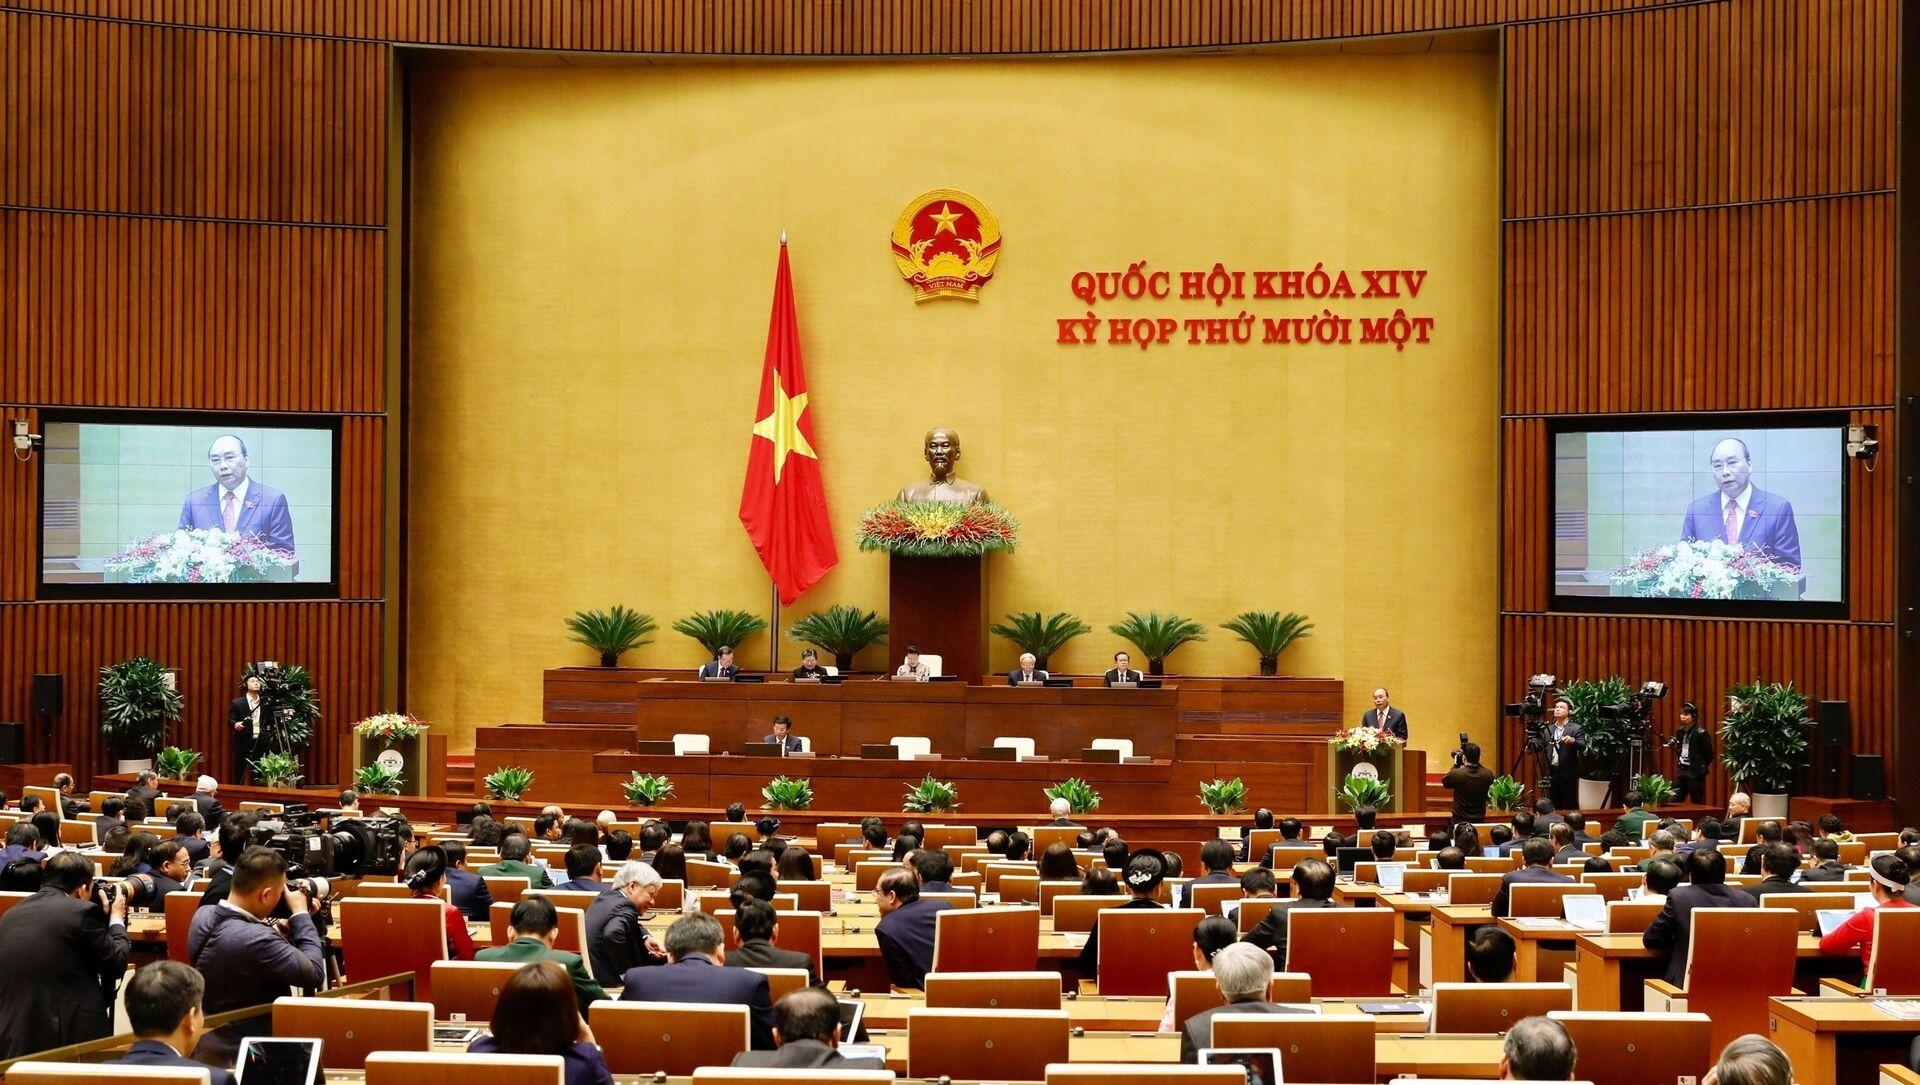 Thủ tướng Nguyễn Xuân Phúc trình bày báo cáo tổng kết của Chính phủ nhiệm kỳ 2016-2021. - Sputnik Việt Nam, 1920, 25.03.2021